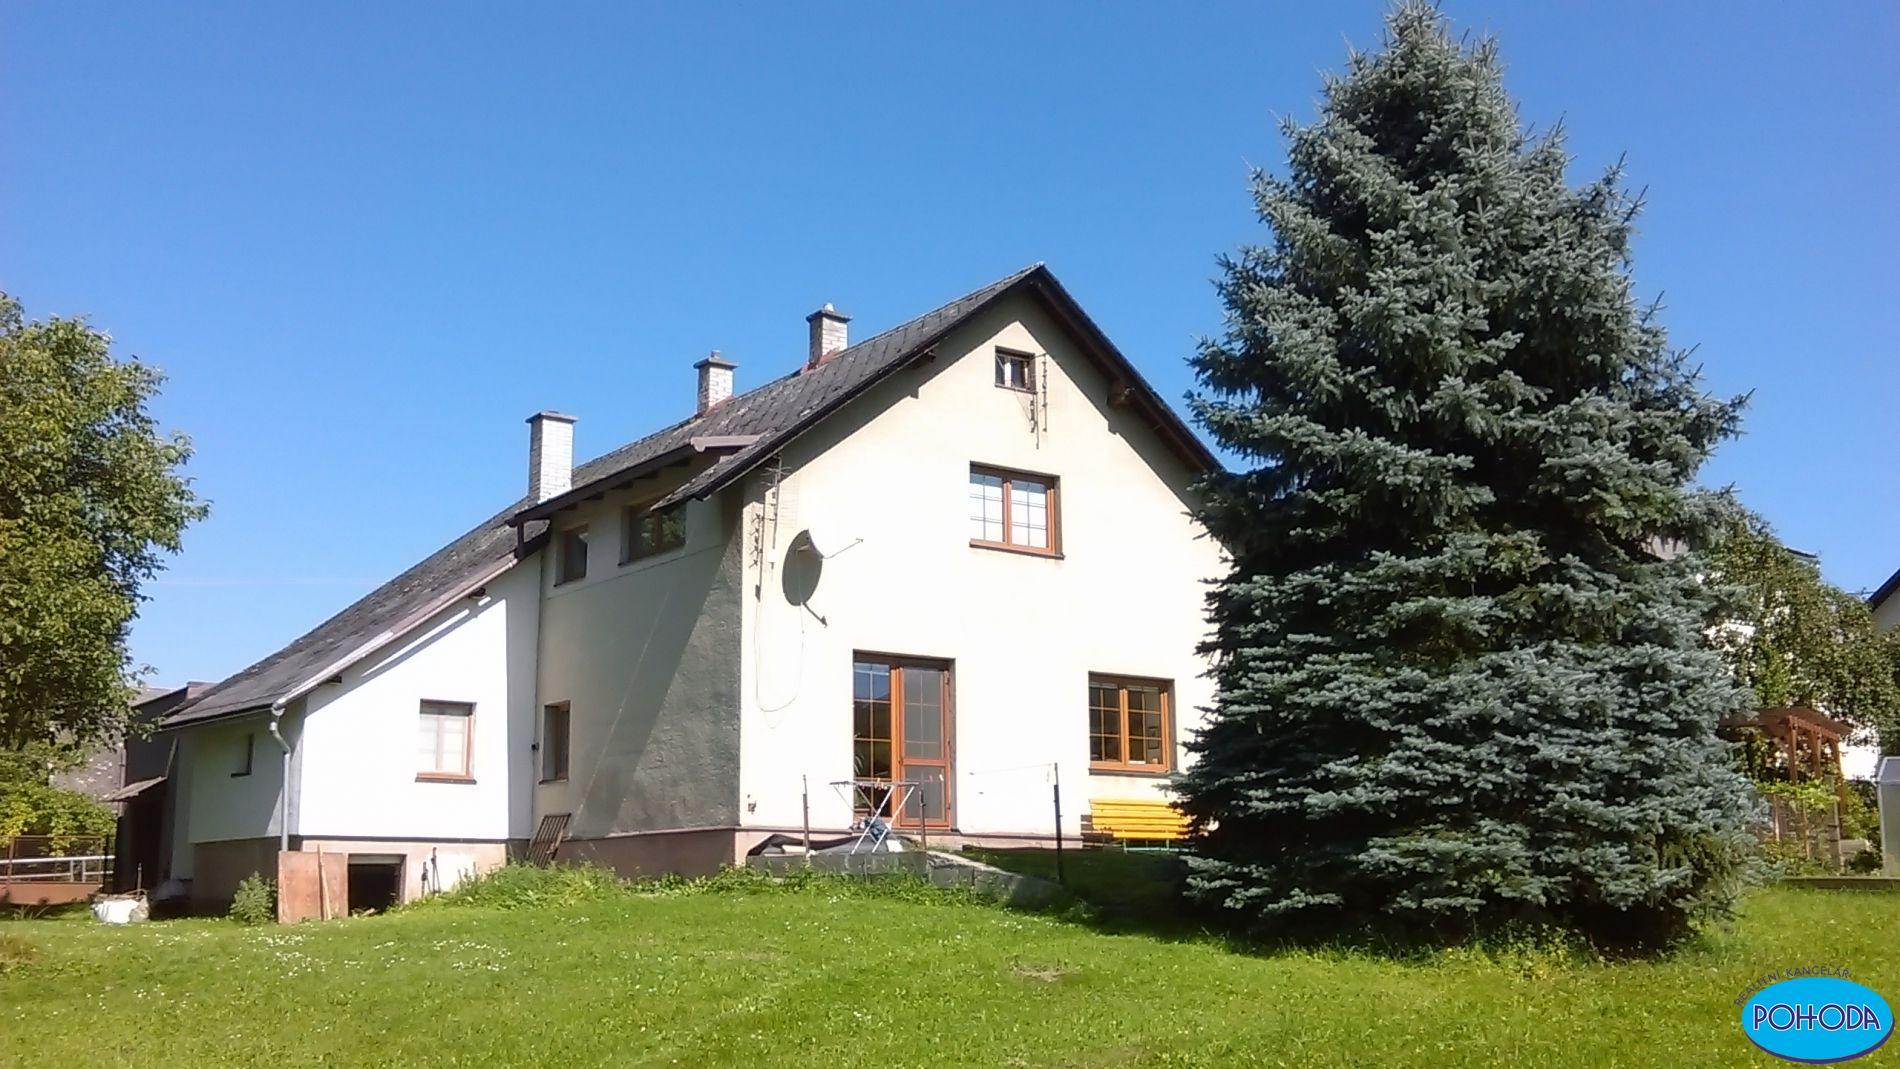 Pronájem bytu 2kk v rodinném domě v obci Jamné nad Orlicí